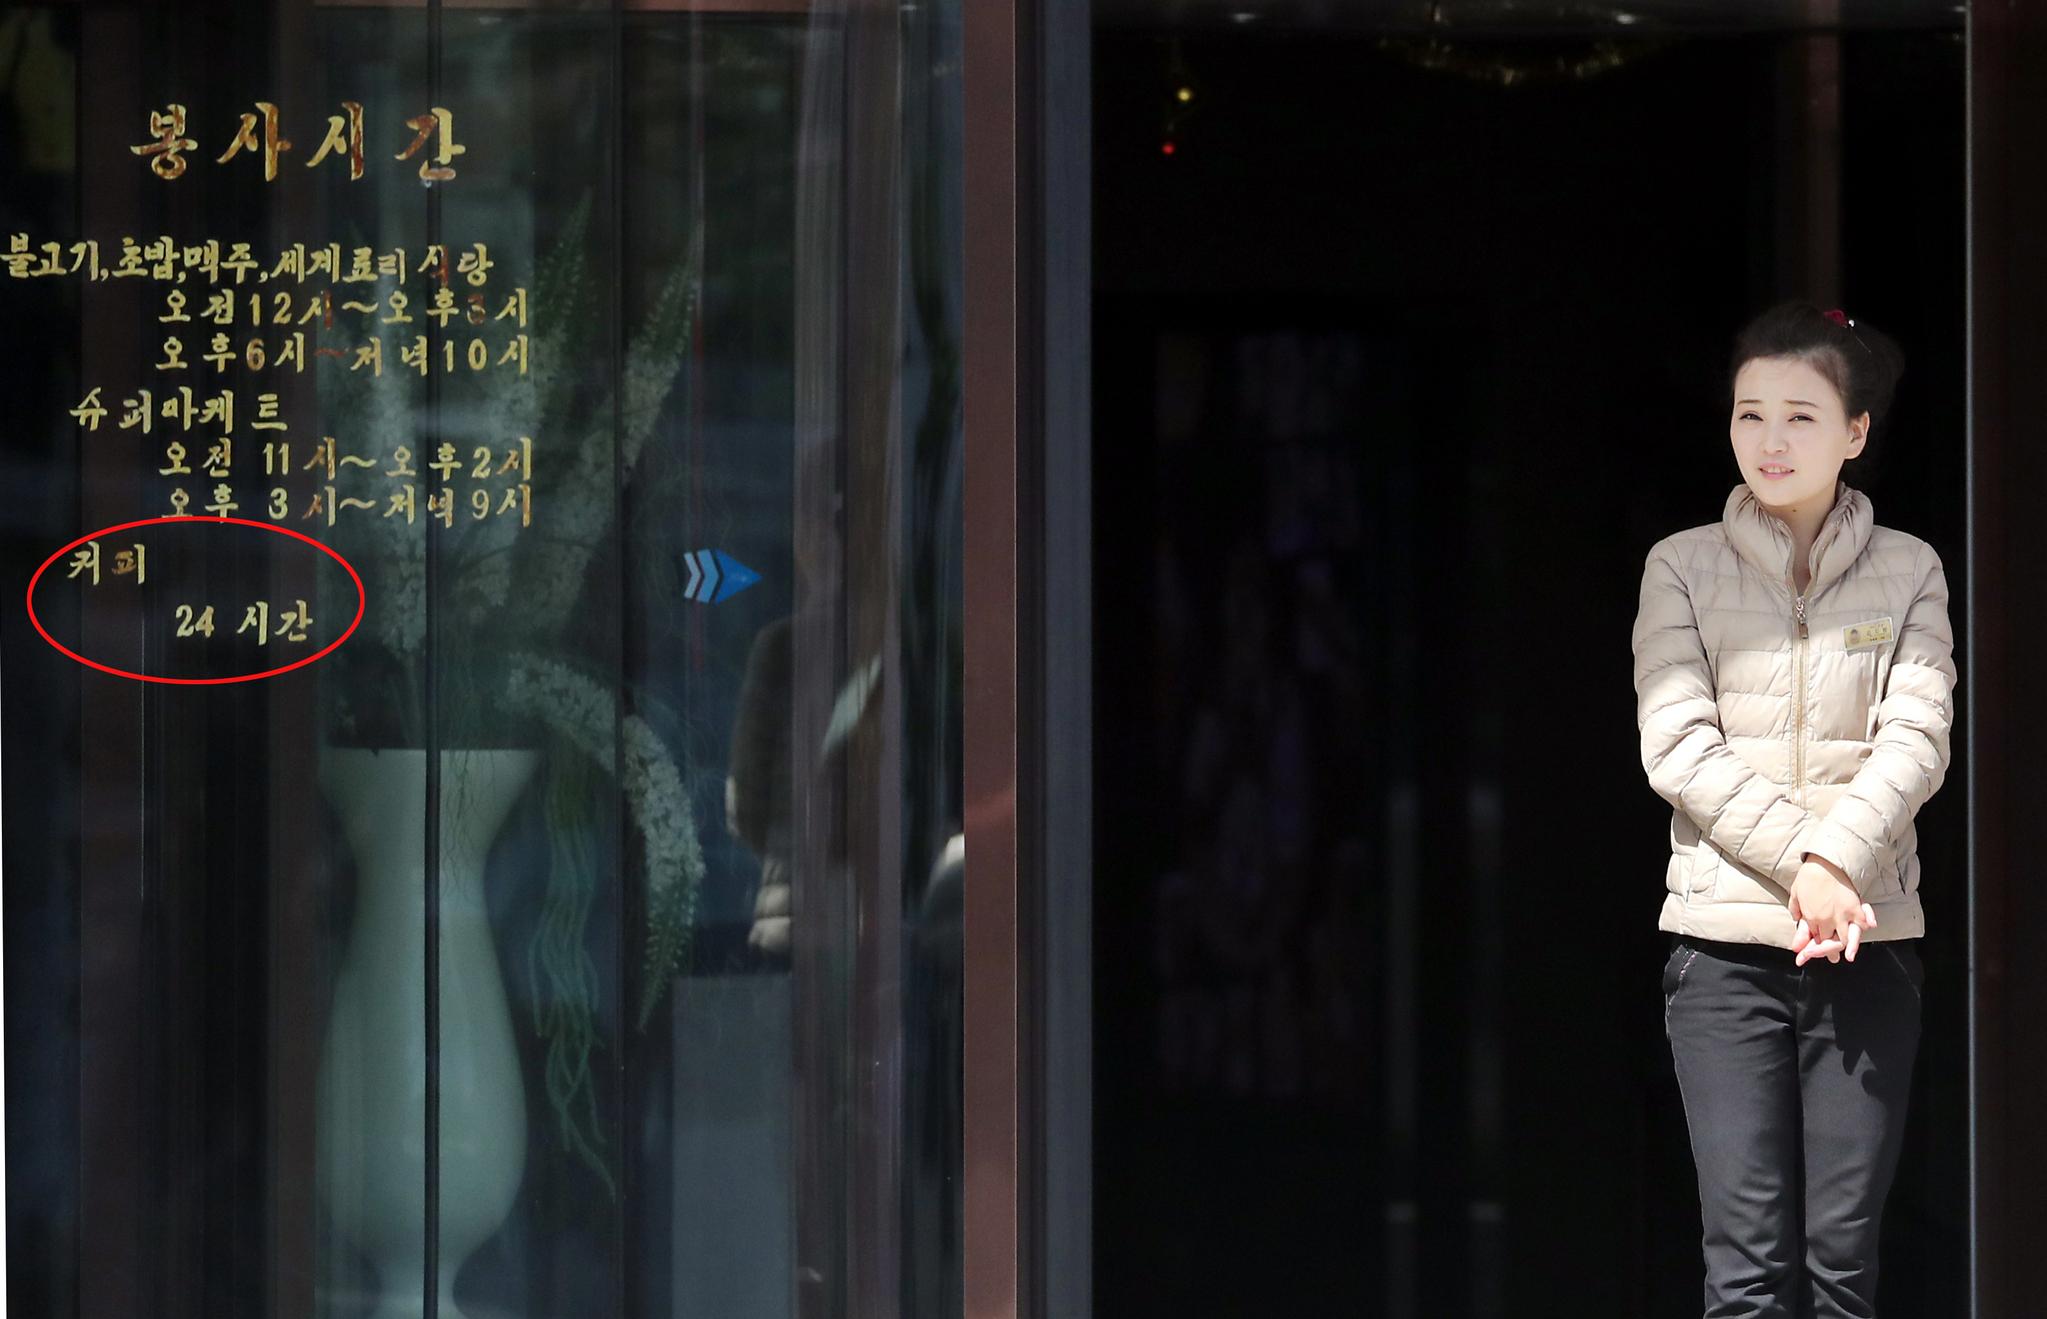 평양 시내의 한 복합상가. 24시간 영업한다고 표시한 커피숍의 안내문(붉은 원)이 적혀 있다.평양사진공동취재단